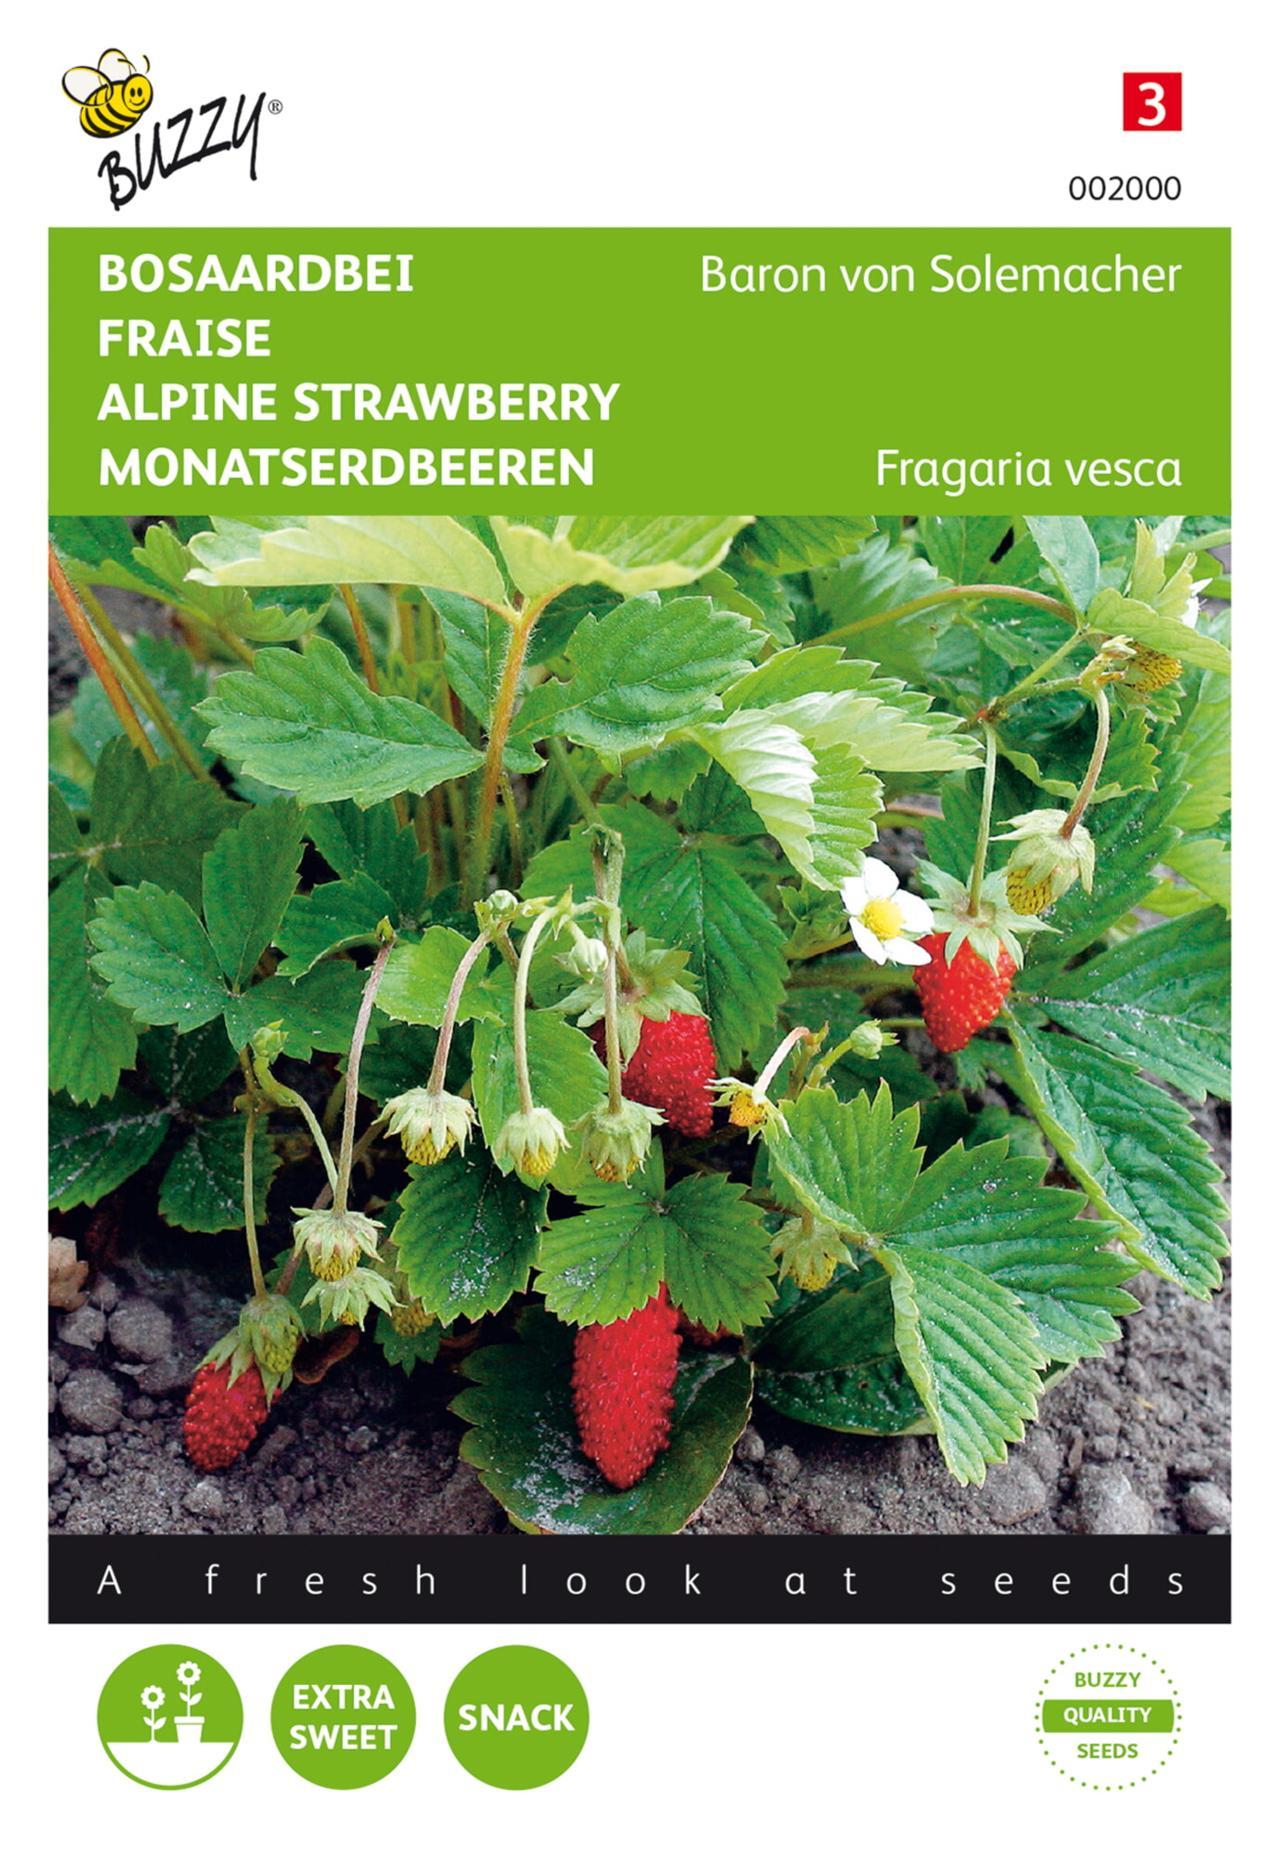 Fragaria vesca 'Baron von Solemacher' plant